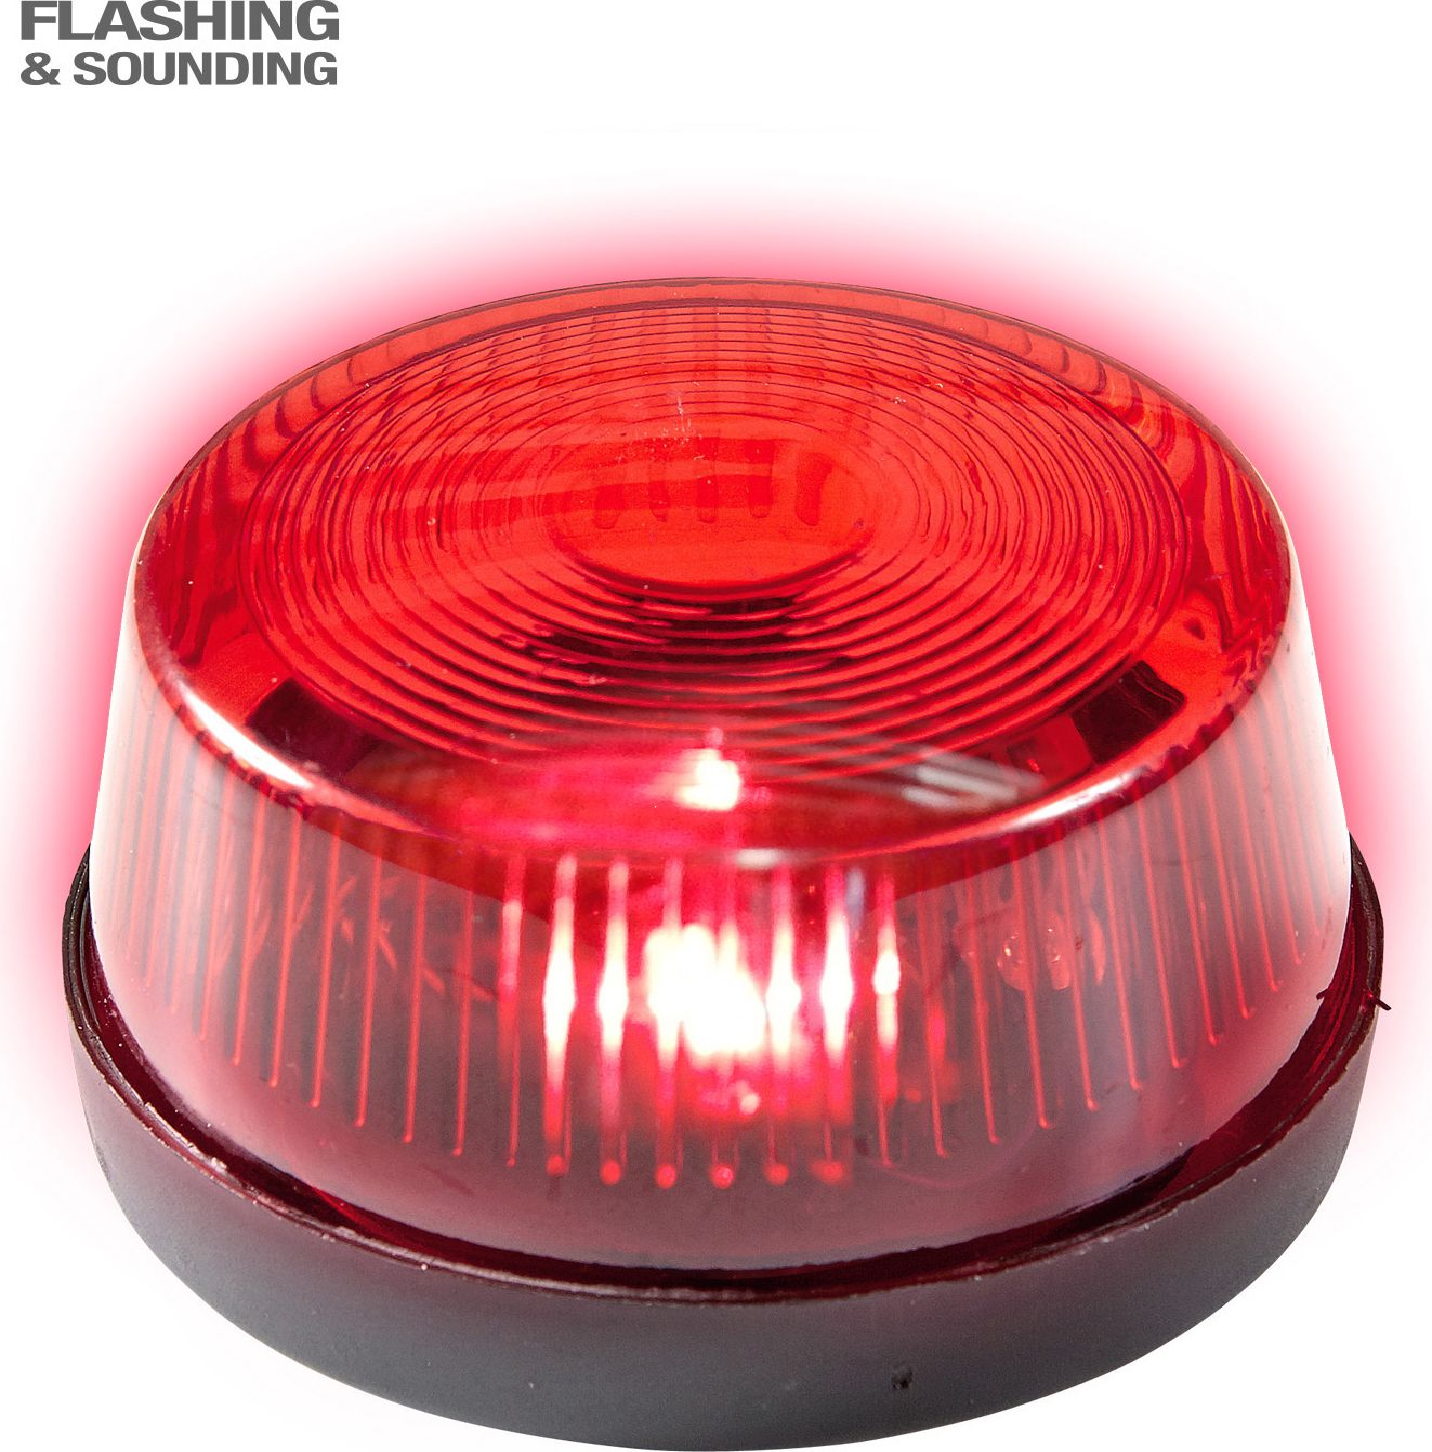 Rode sirene met geluid